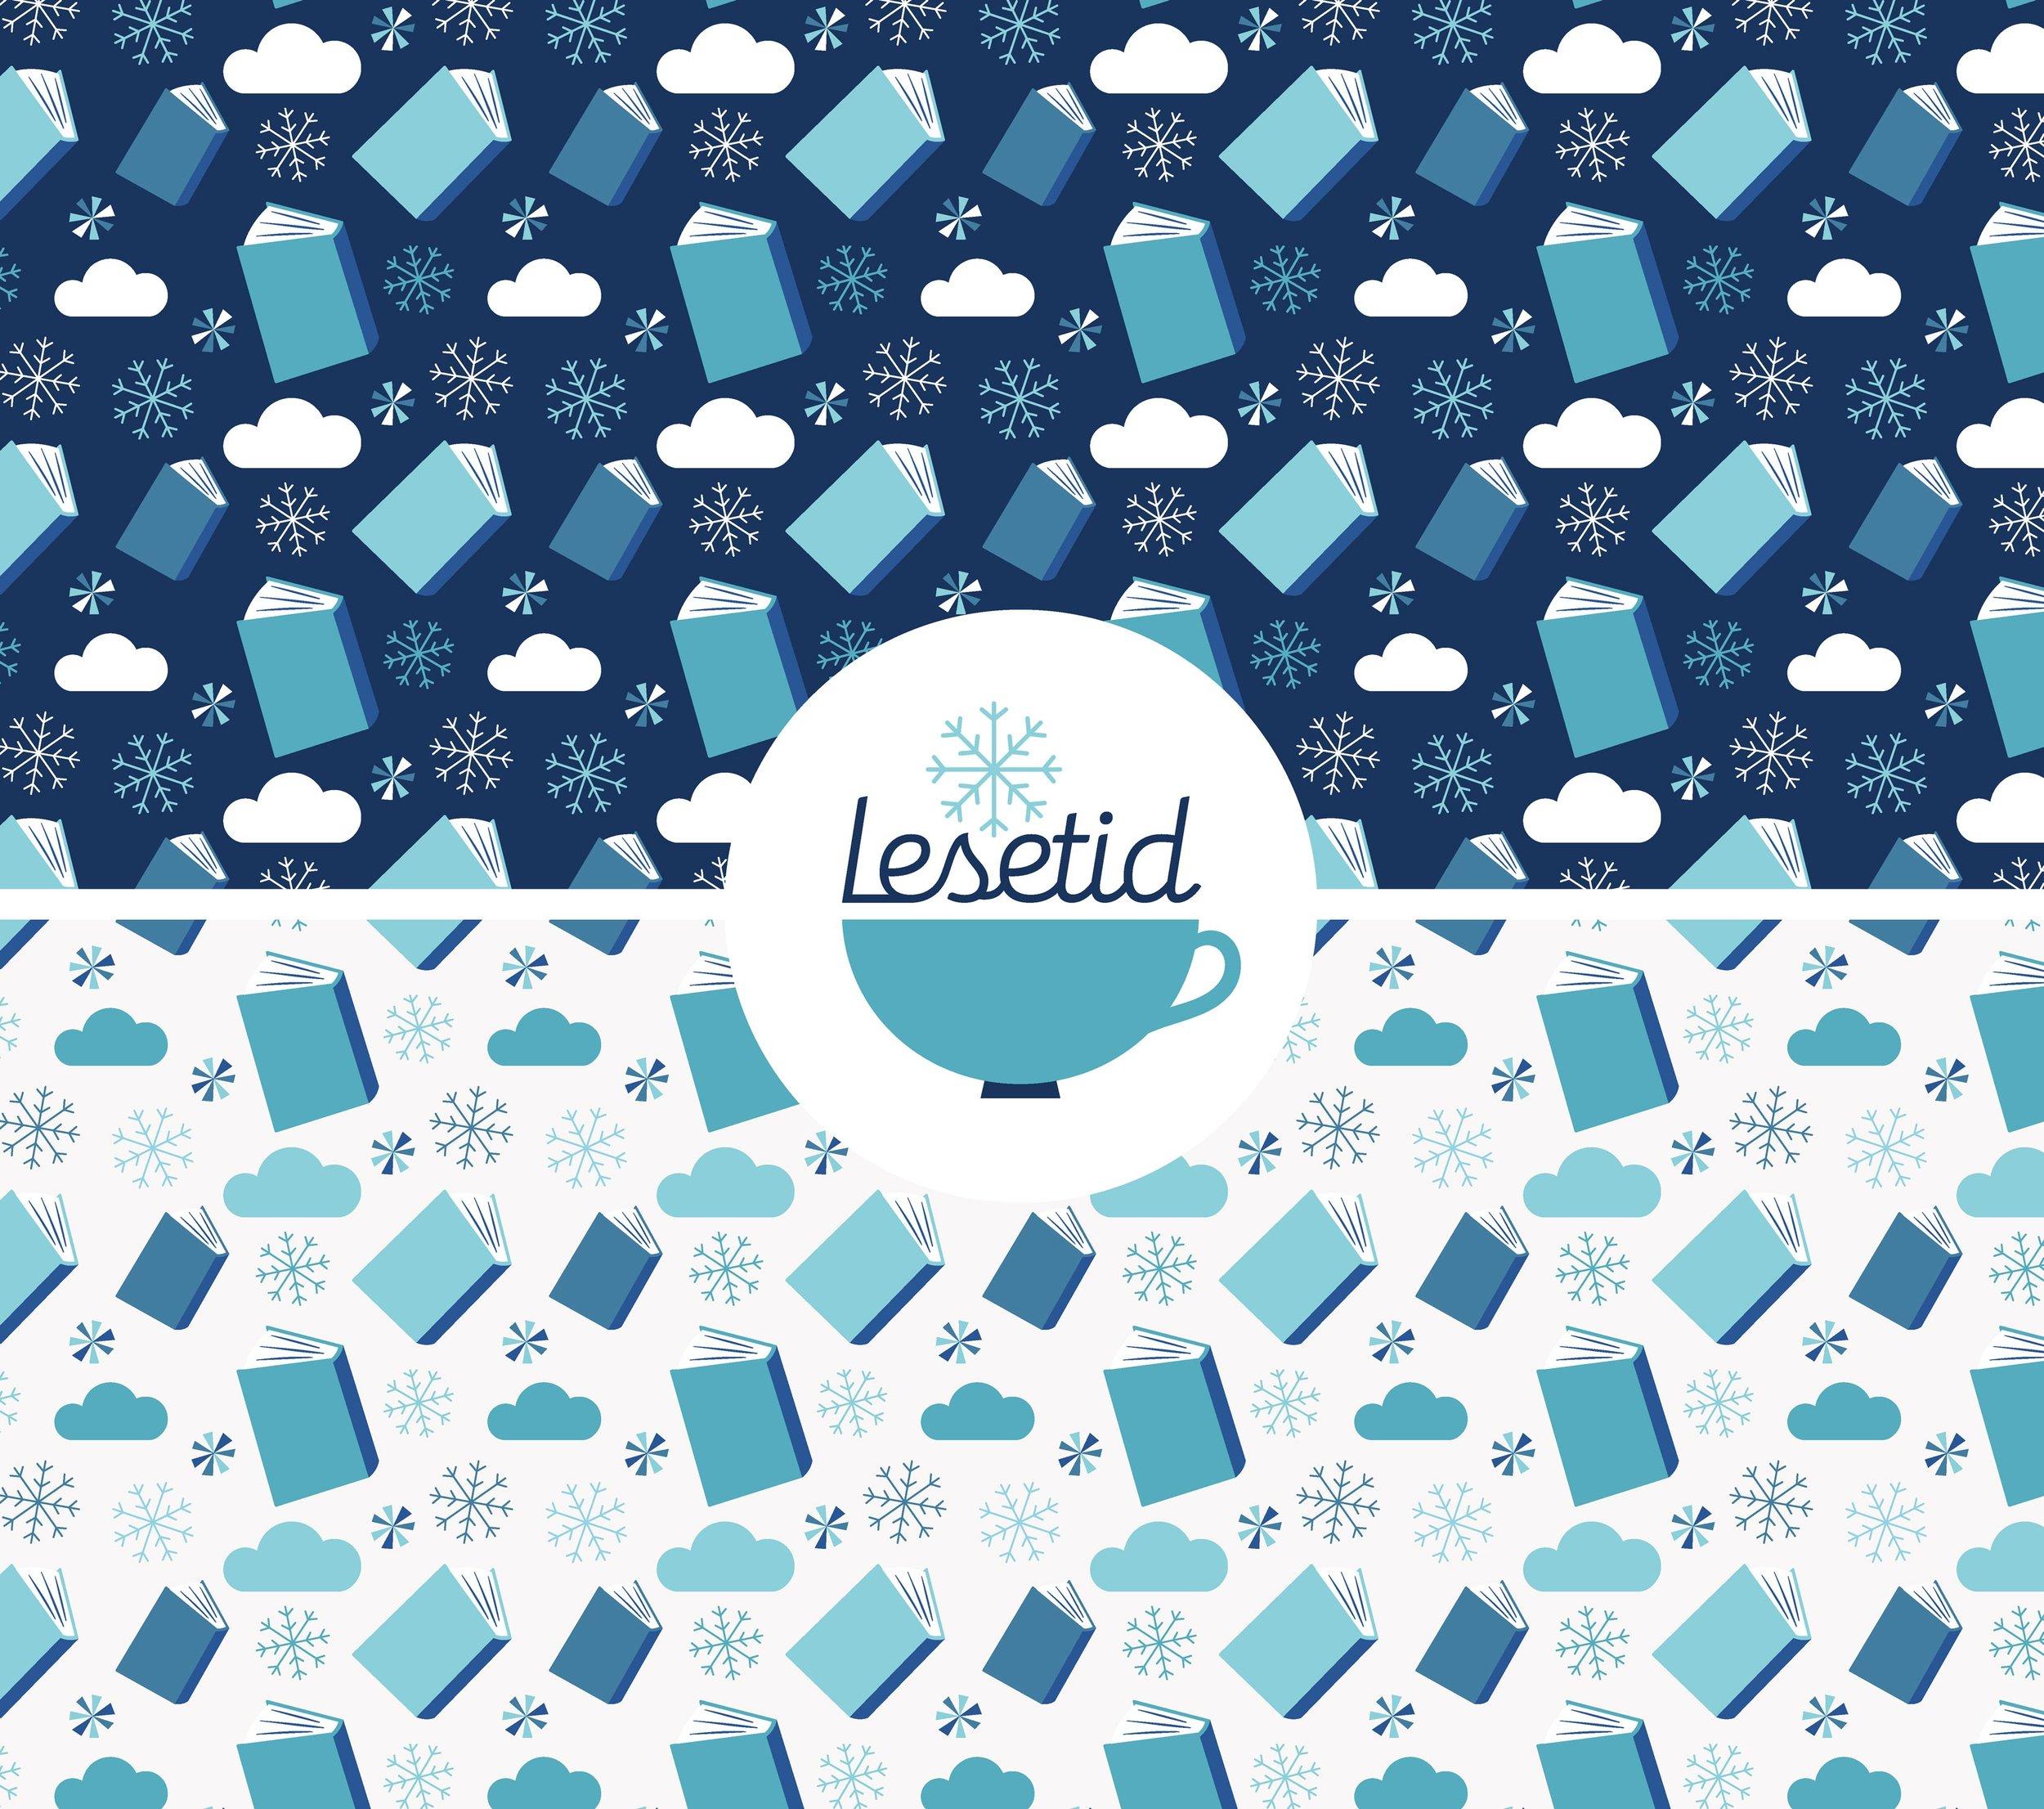 Lesetid-2.jpg